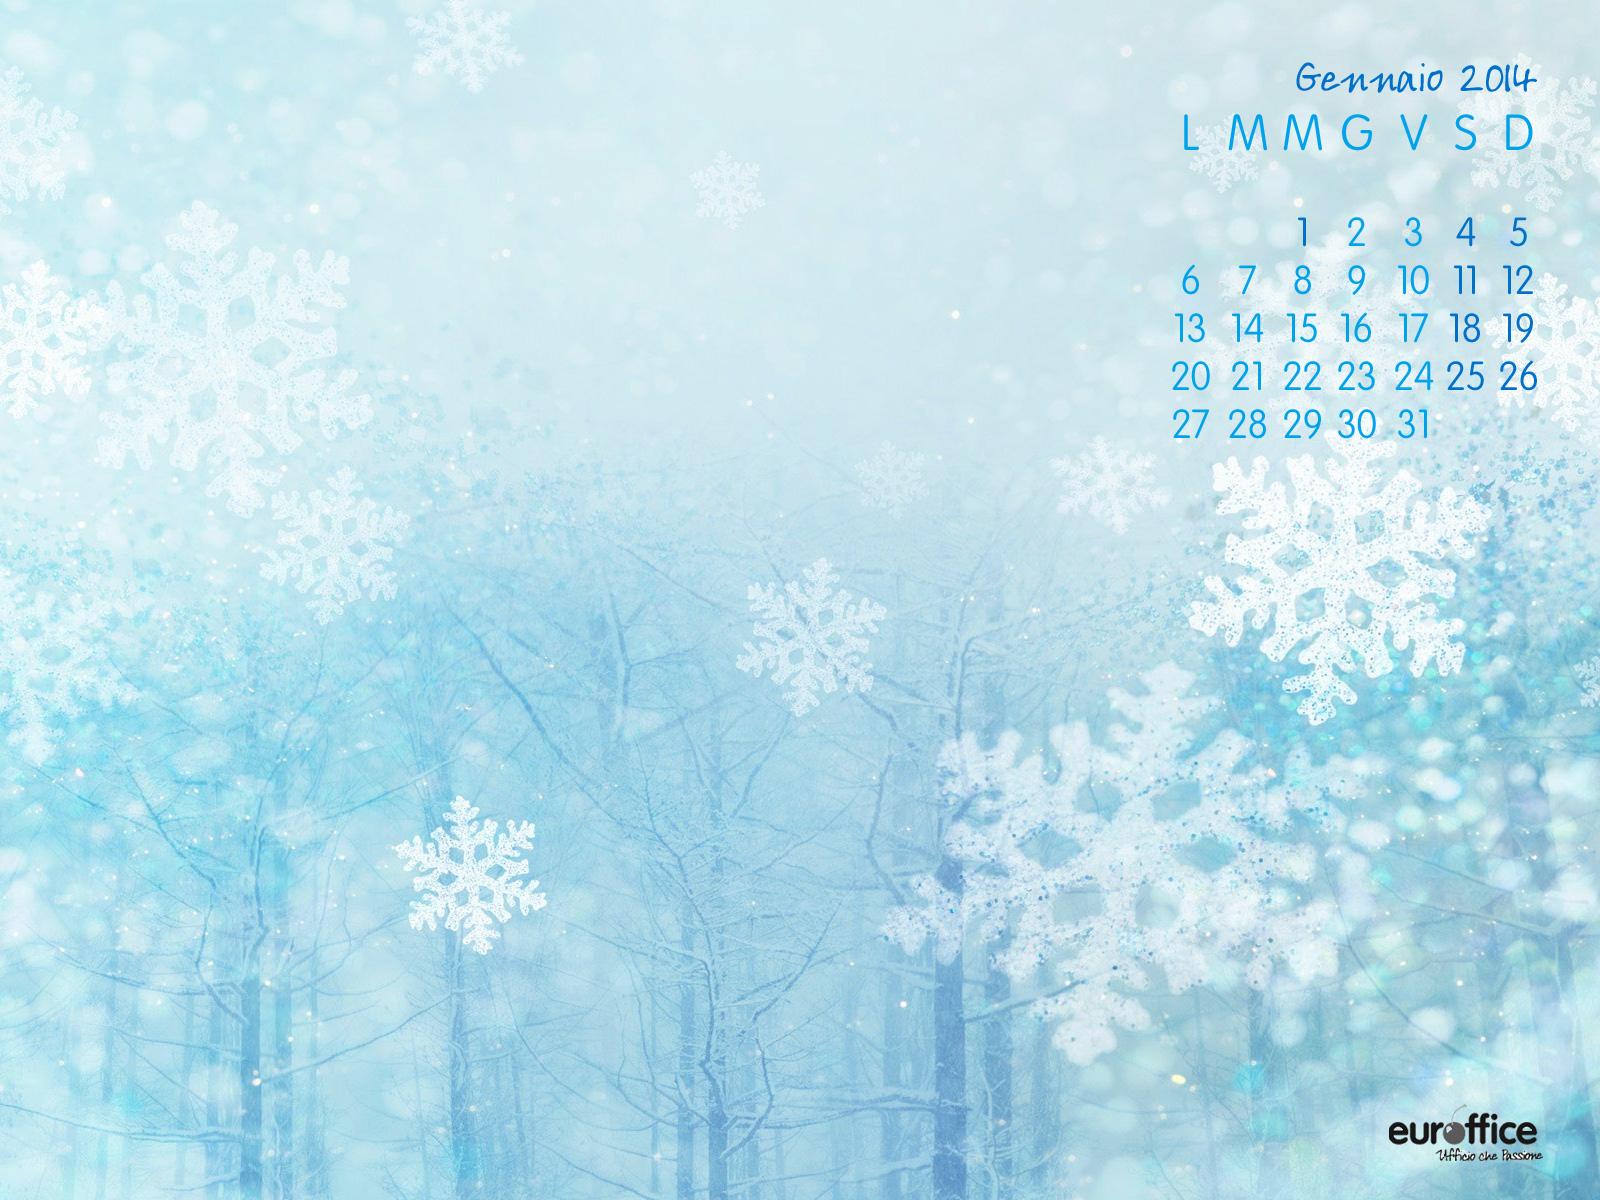 Wallpaper gennaio 2014 - Fiocchi di neve